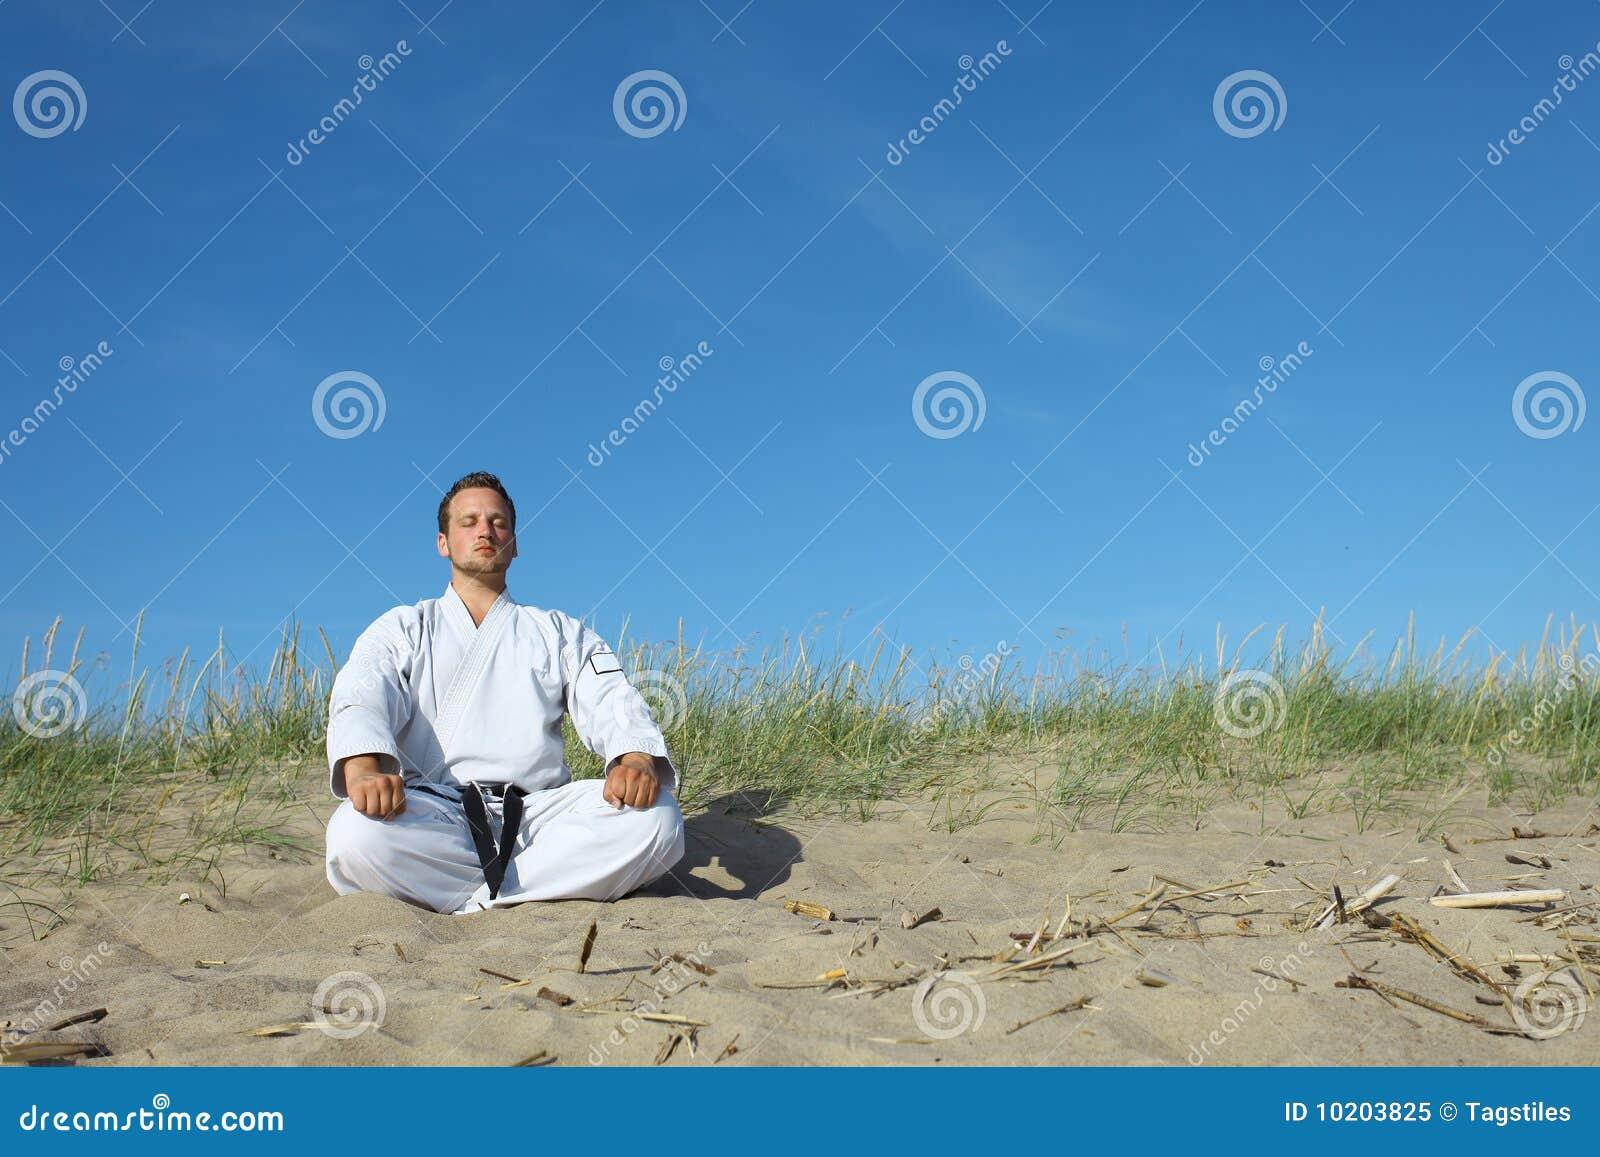 Download Meditation stockbild. Bild von athlet, aktiv, verteidigung - 10203825